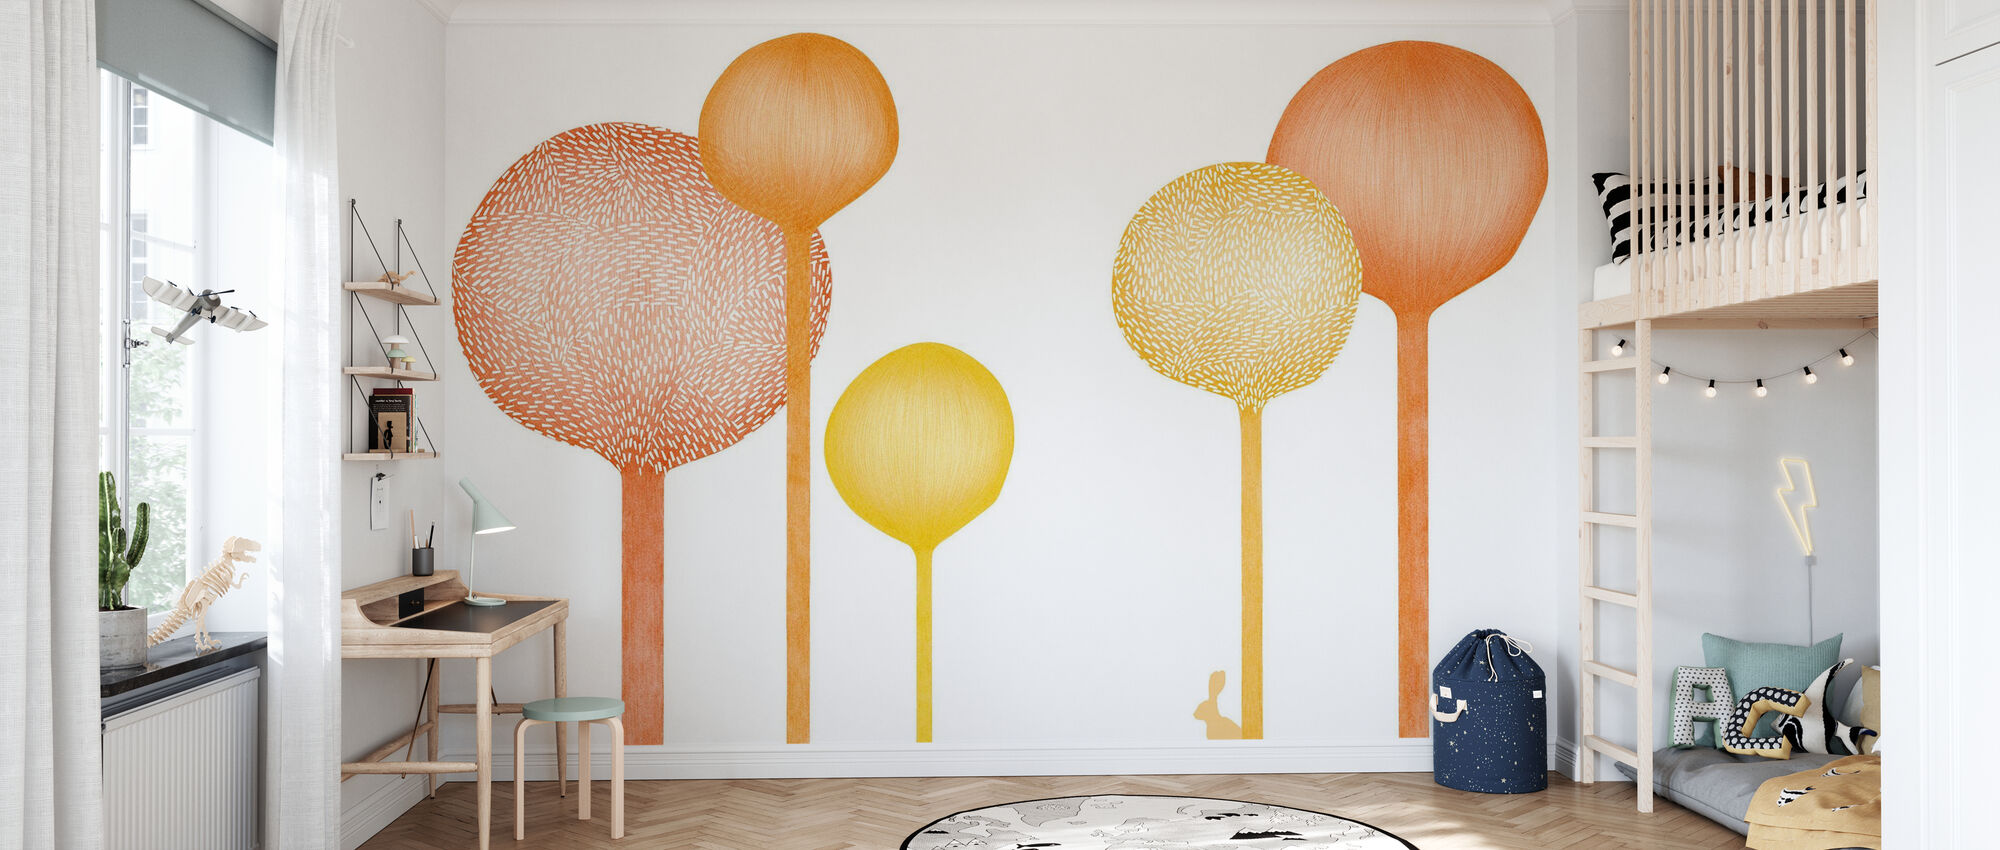 Studio Rita | Elin Öhrling - Forestscape - Orange - Wallpaper - Kids Room